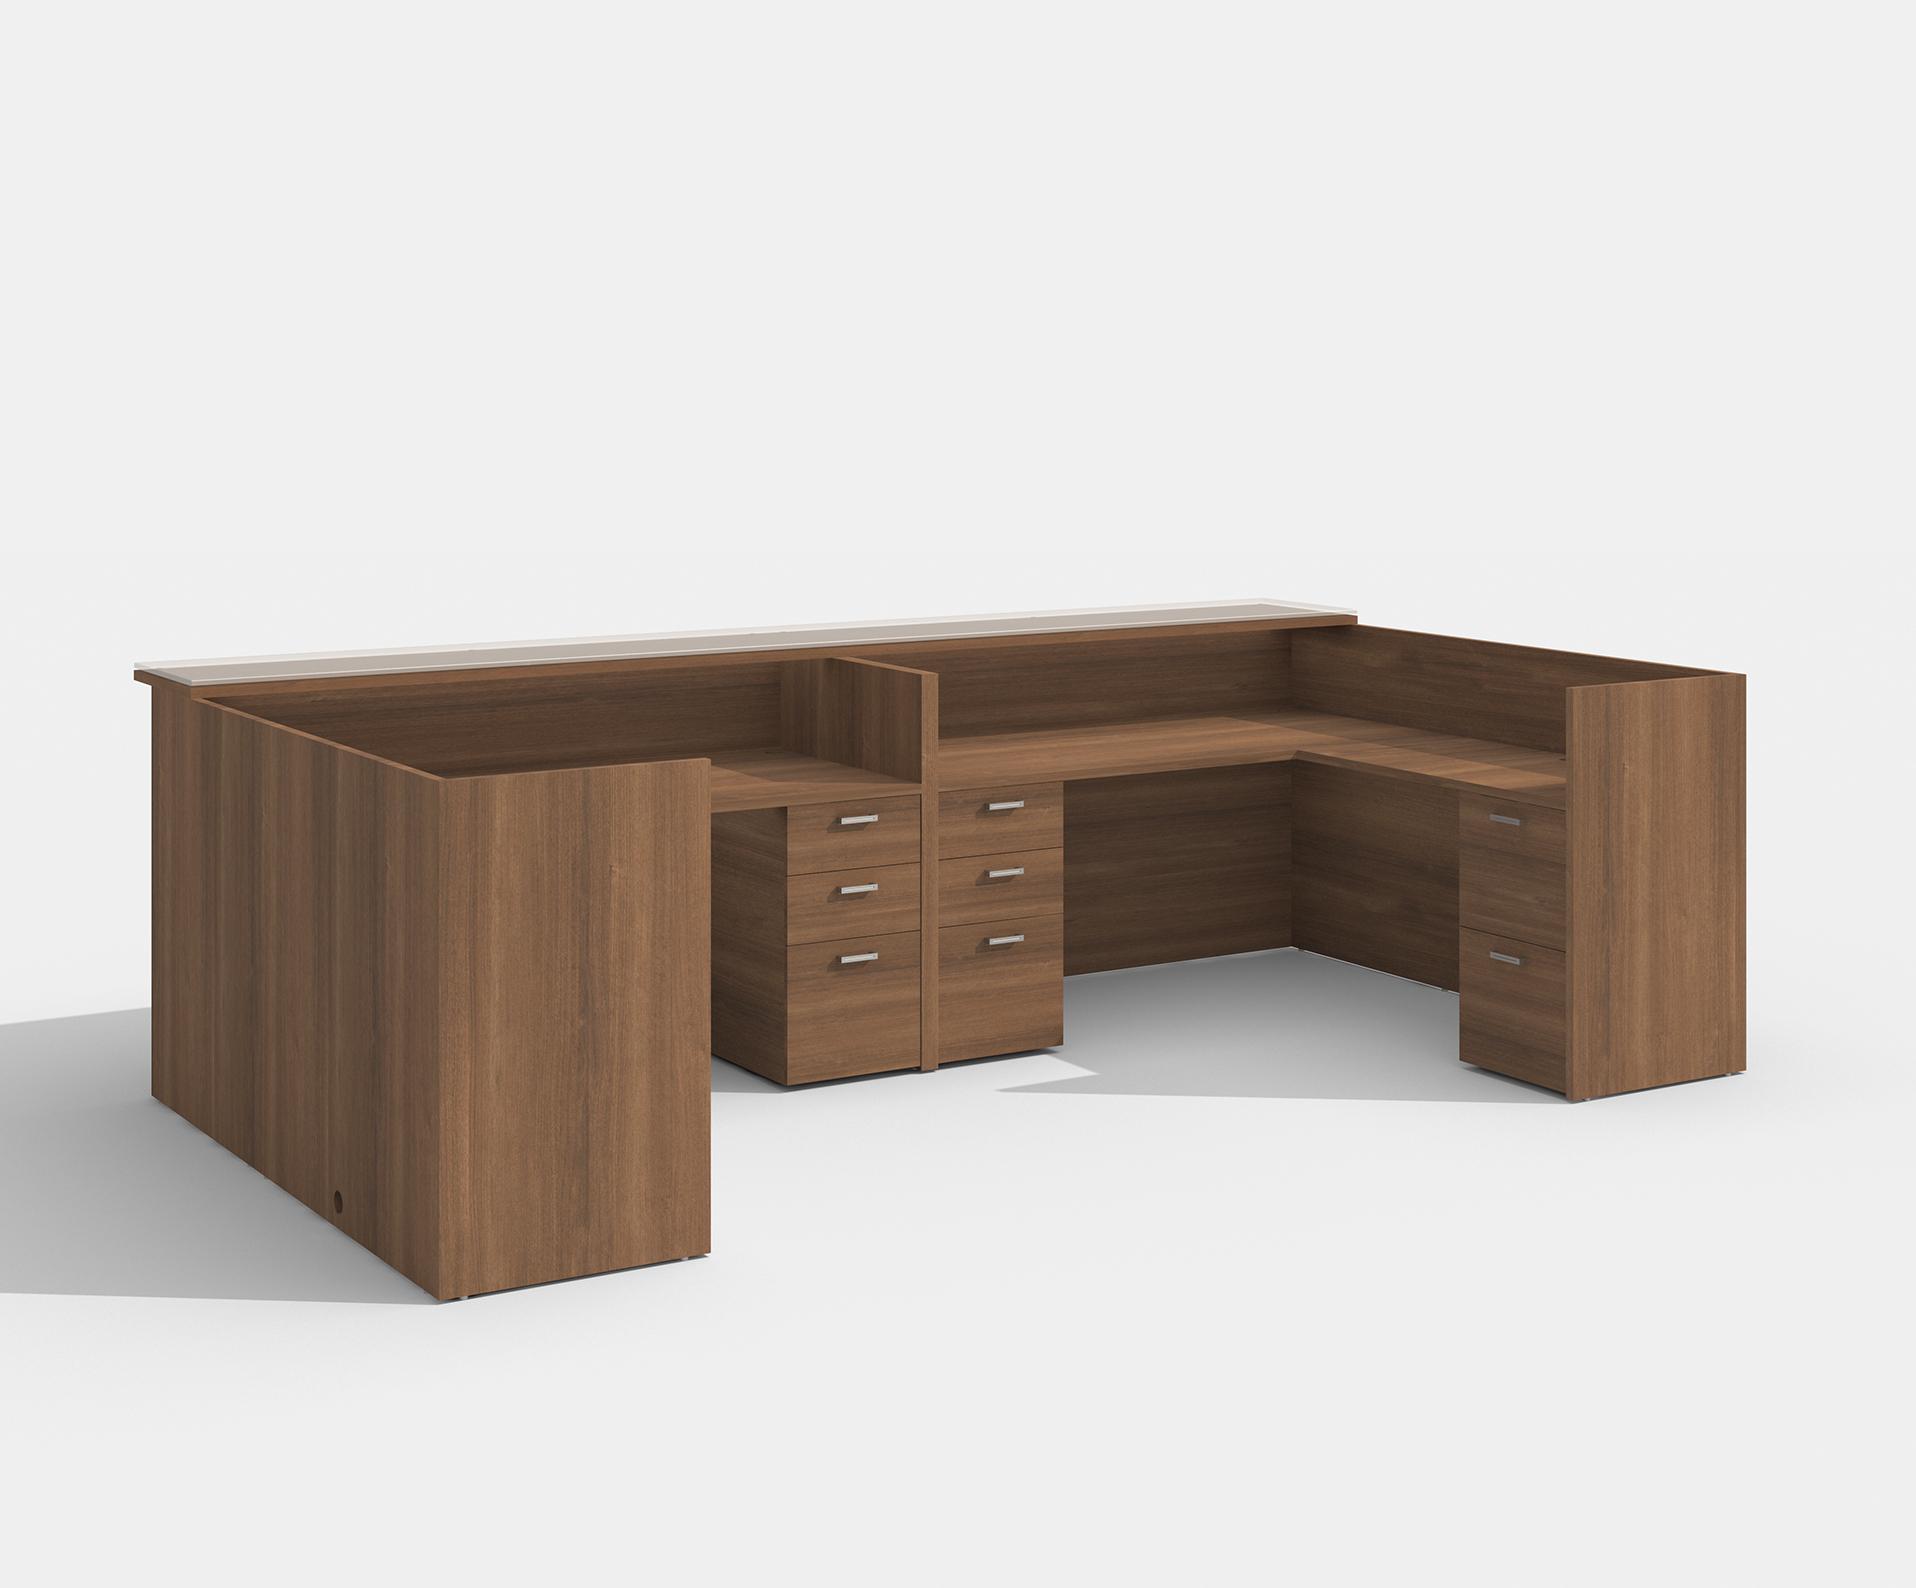 amber 2 person reception desk in walnut